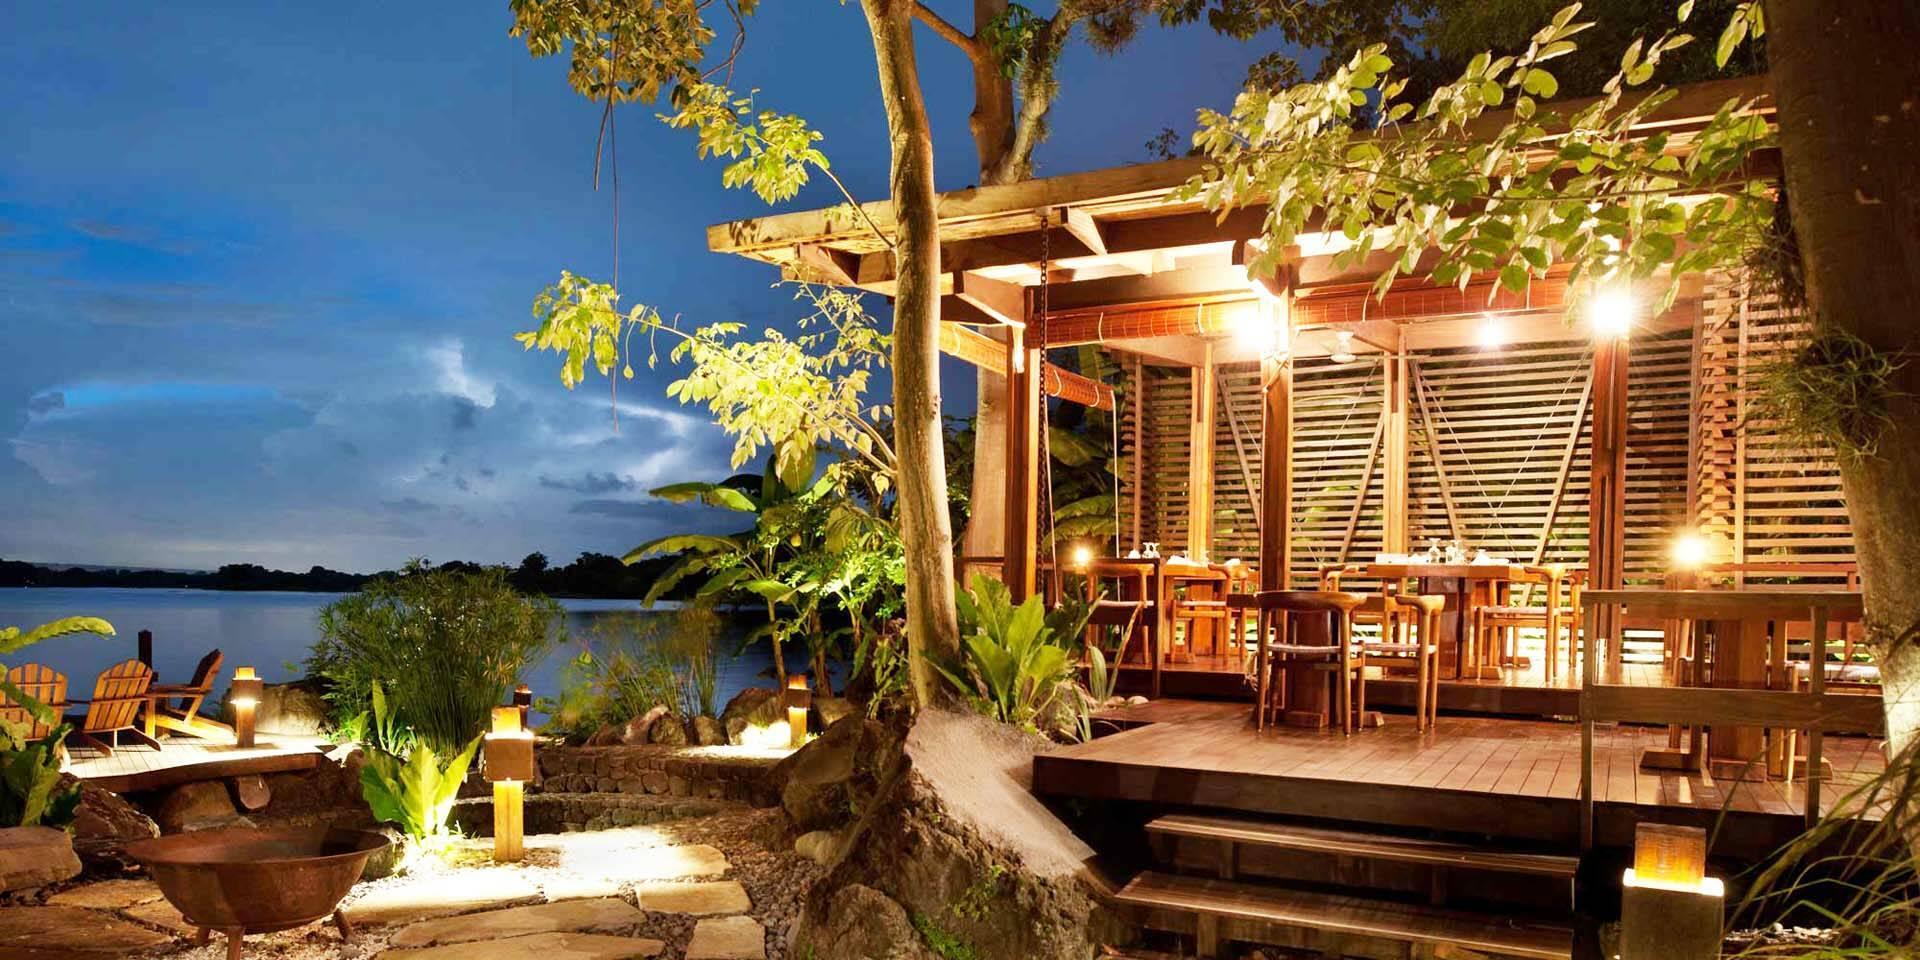 Nicaragua Jicaro Lodge